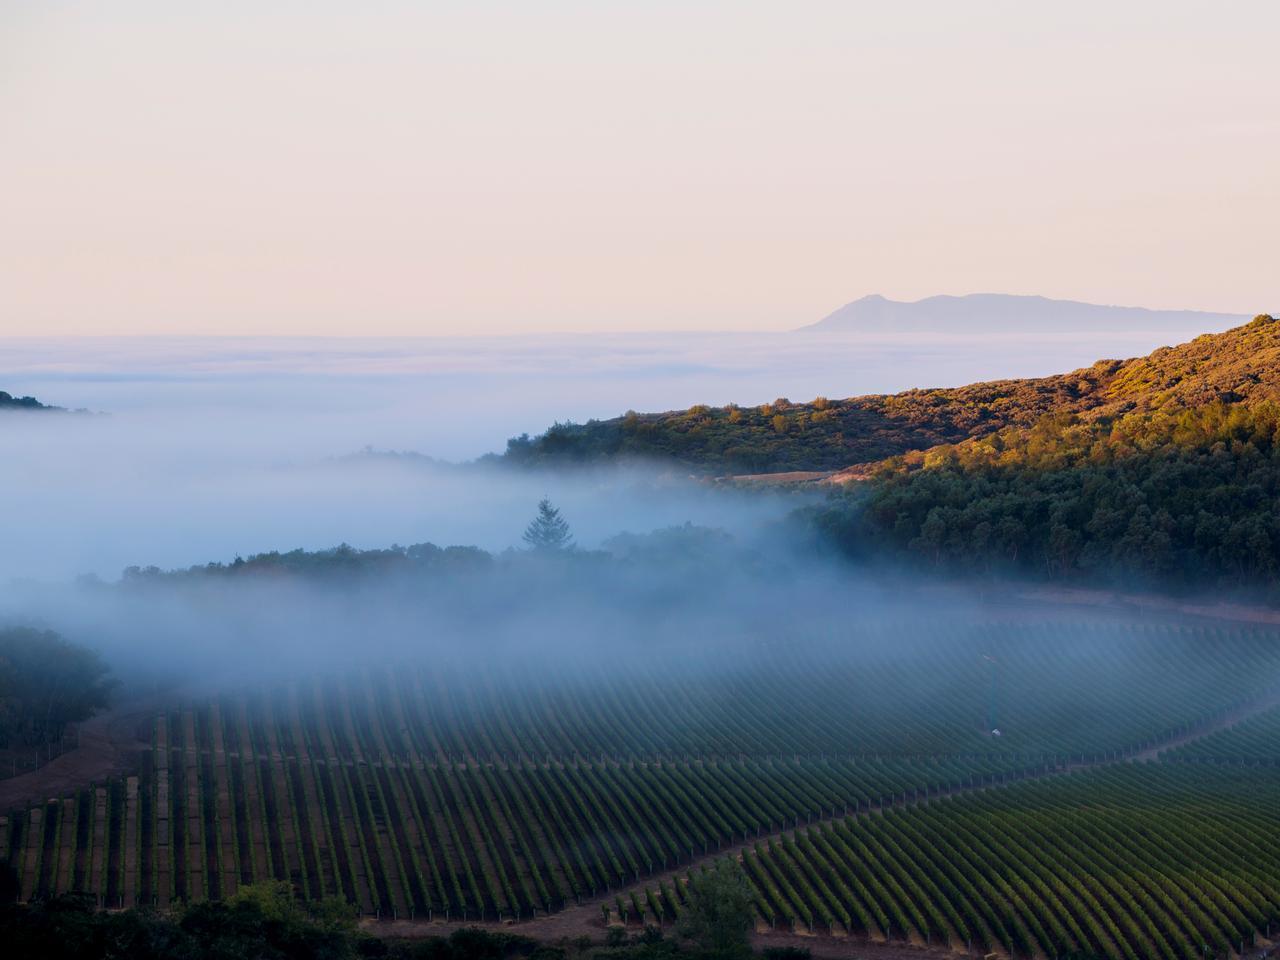 画像: 広大なブドウ畑が広がるナパバレー